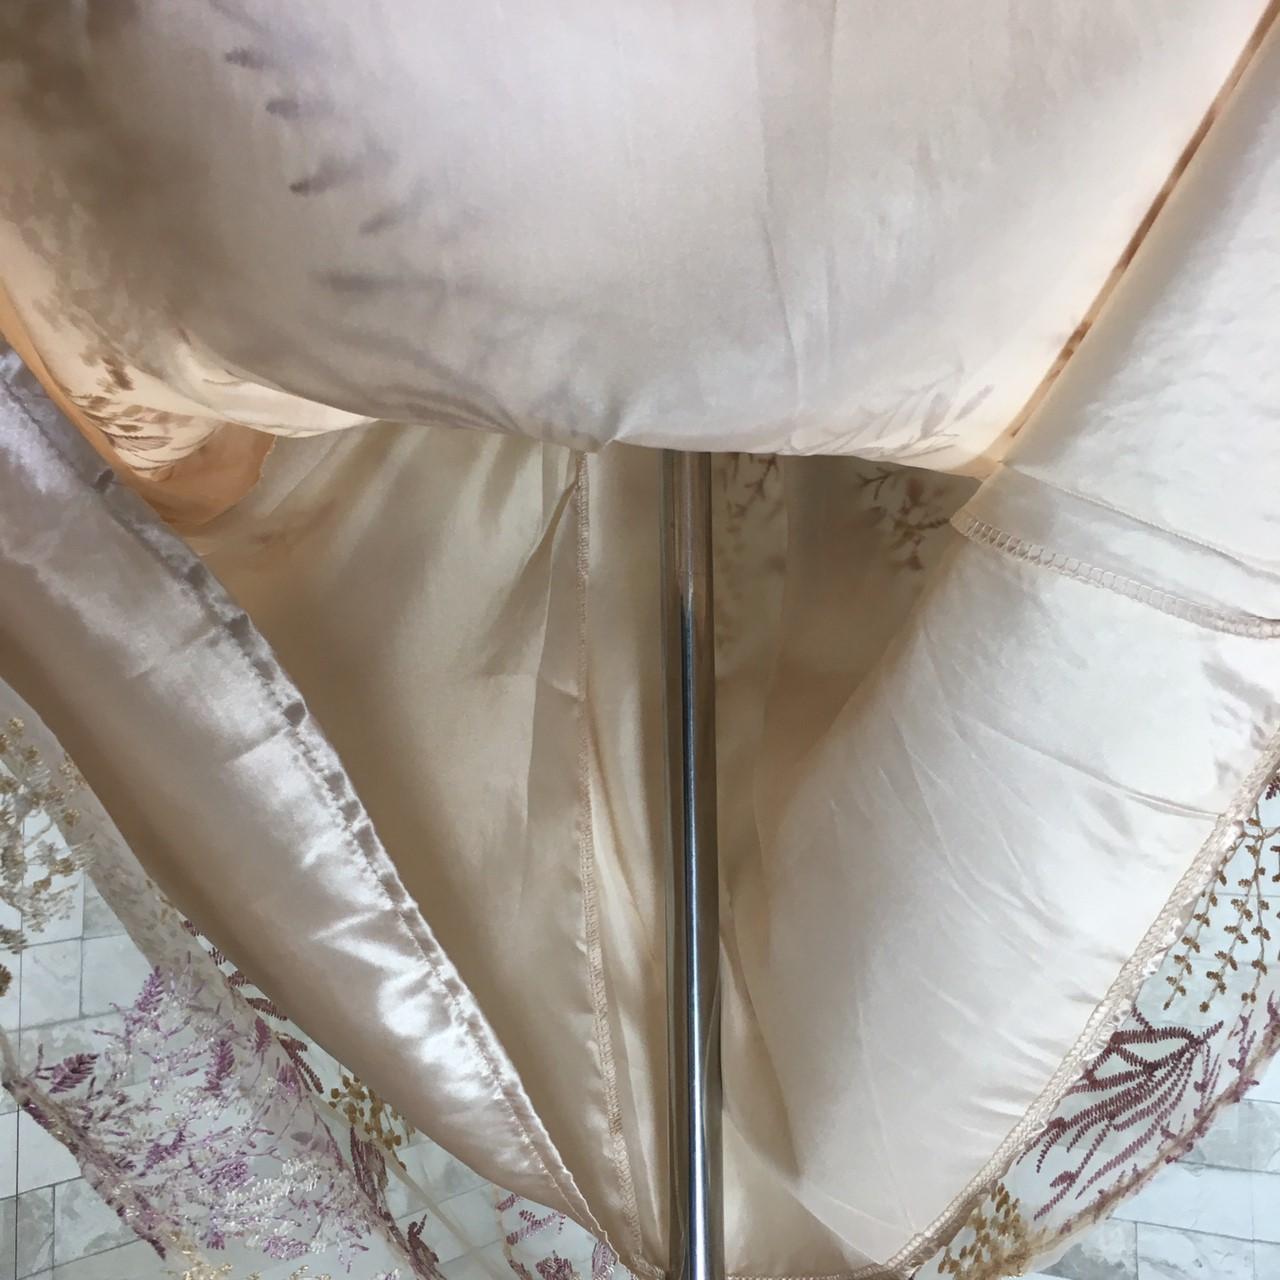 韓国 ファッション ワンピース パーティードレス ロング マキシ 春 夏 秋 パーティー ブライダル PTXG855 結婚式 お呼ばれ シースルー 光沢 ハイウエスト セミフ 二次会 セレブ きれいめの写真20枚目